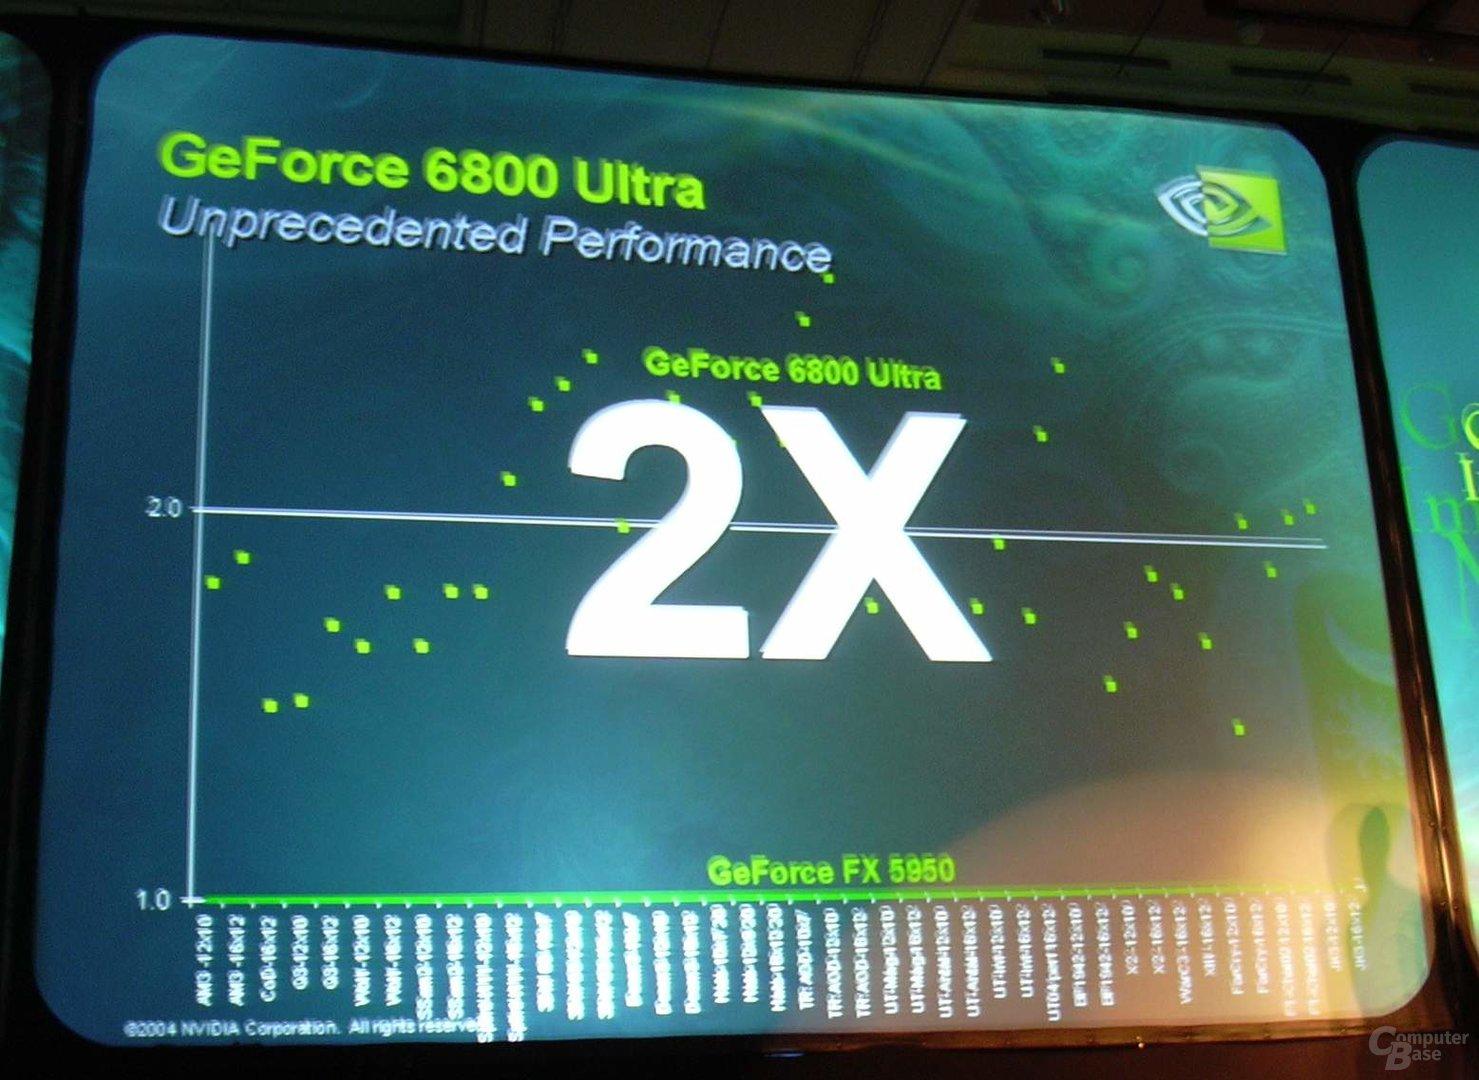 6800 Ultra - doppelt so schnell wie FX5950